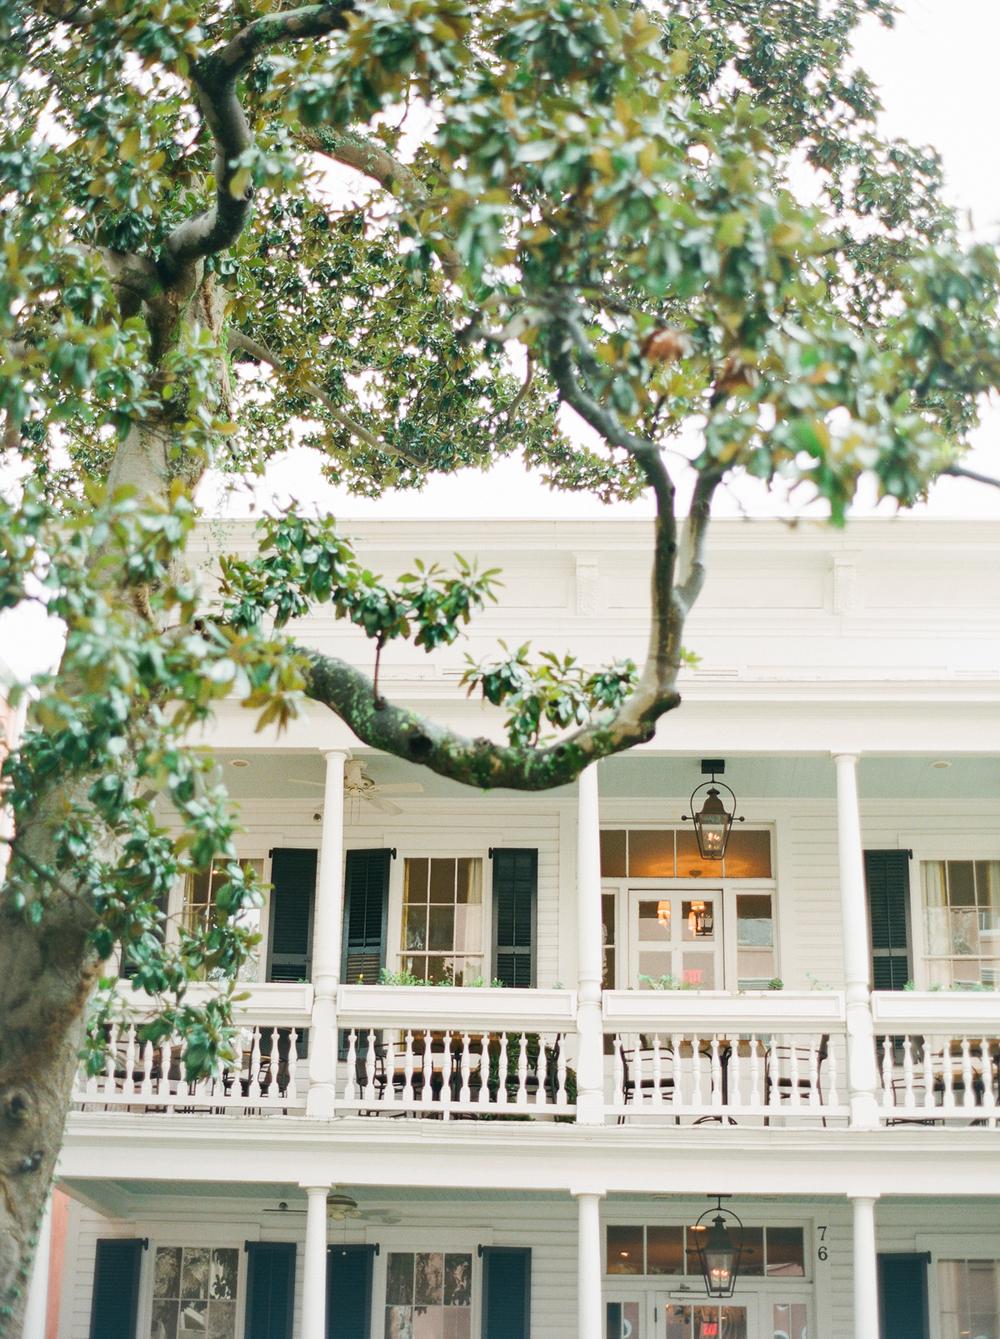 Charleston-10651.jpg